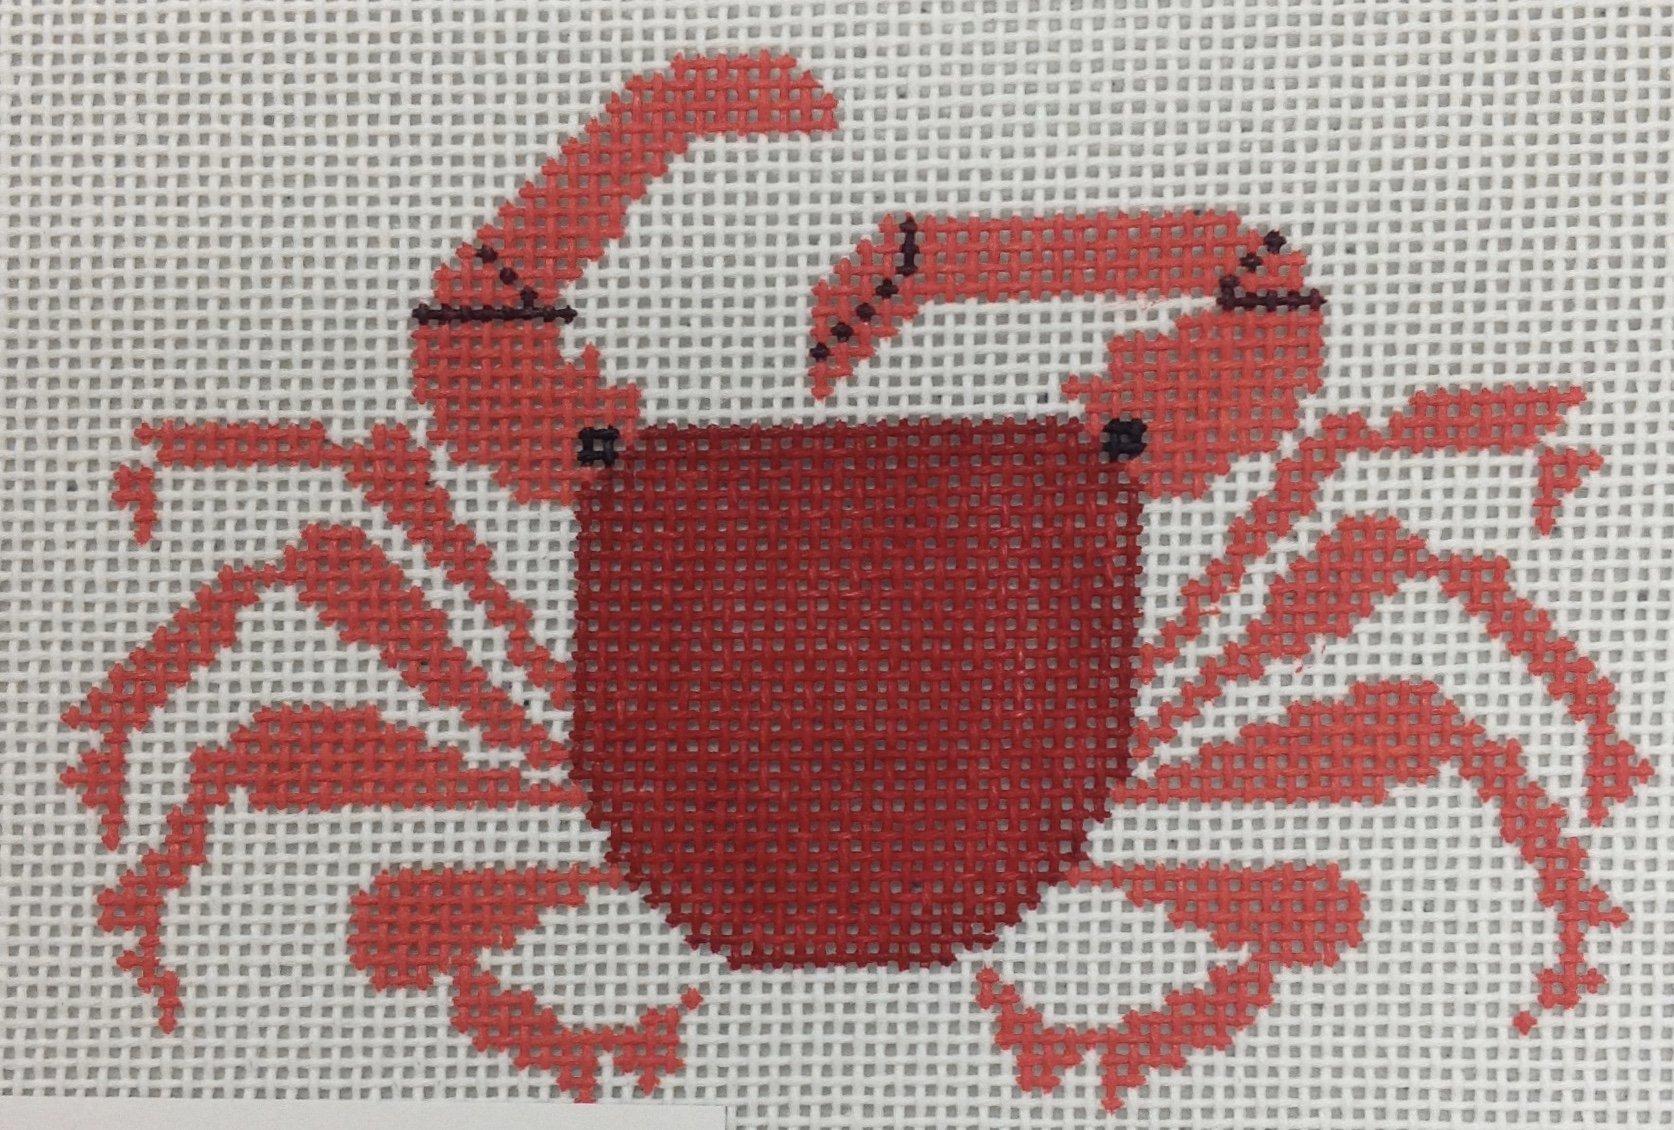 crabitat